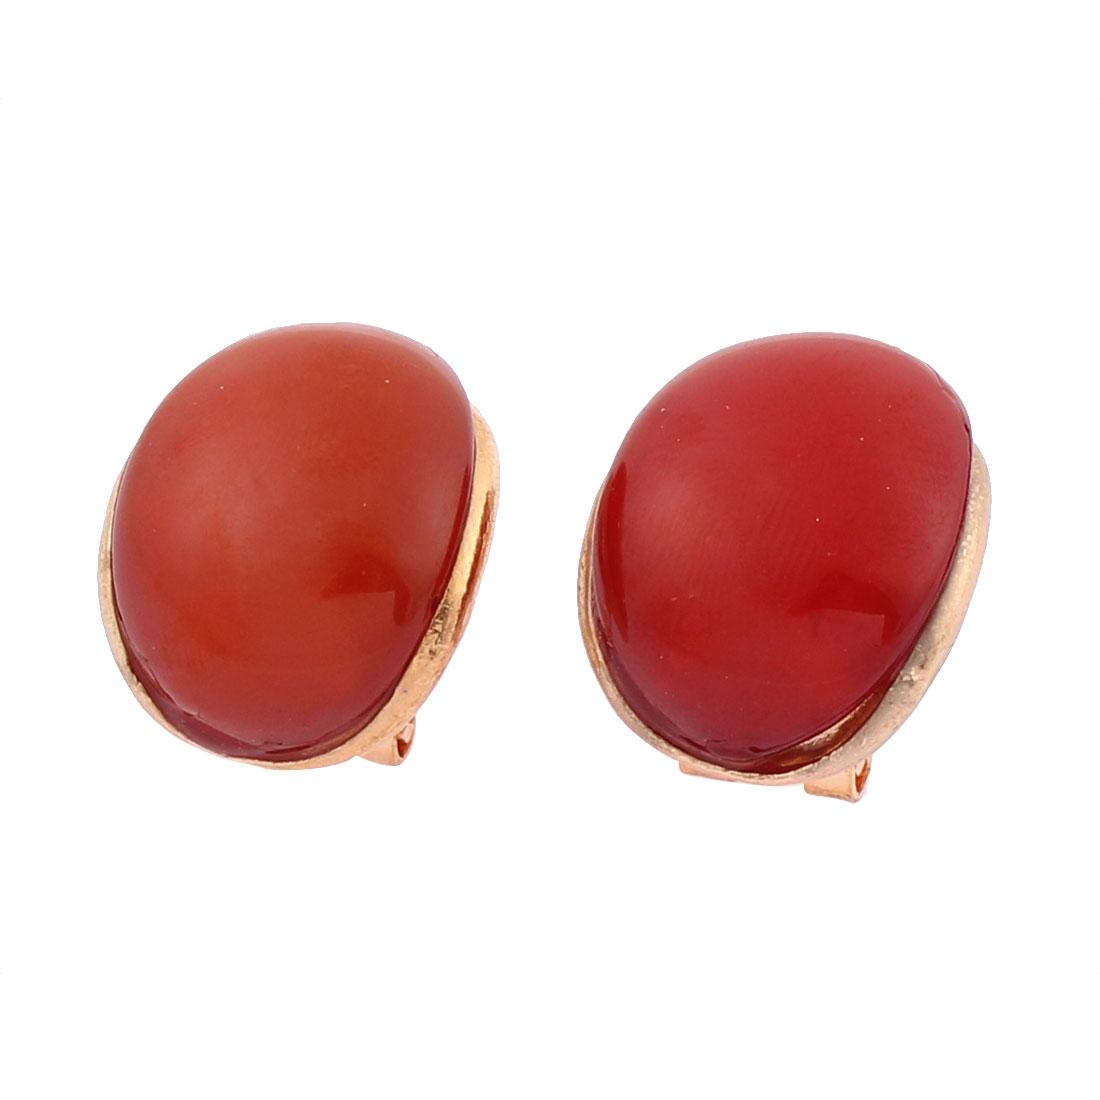 Lady Oval Shape Pierced Ear Stud Earrings Jewelry Party Gift Pair